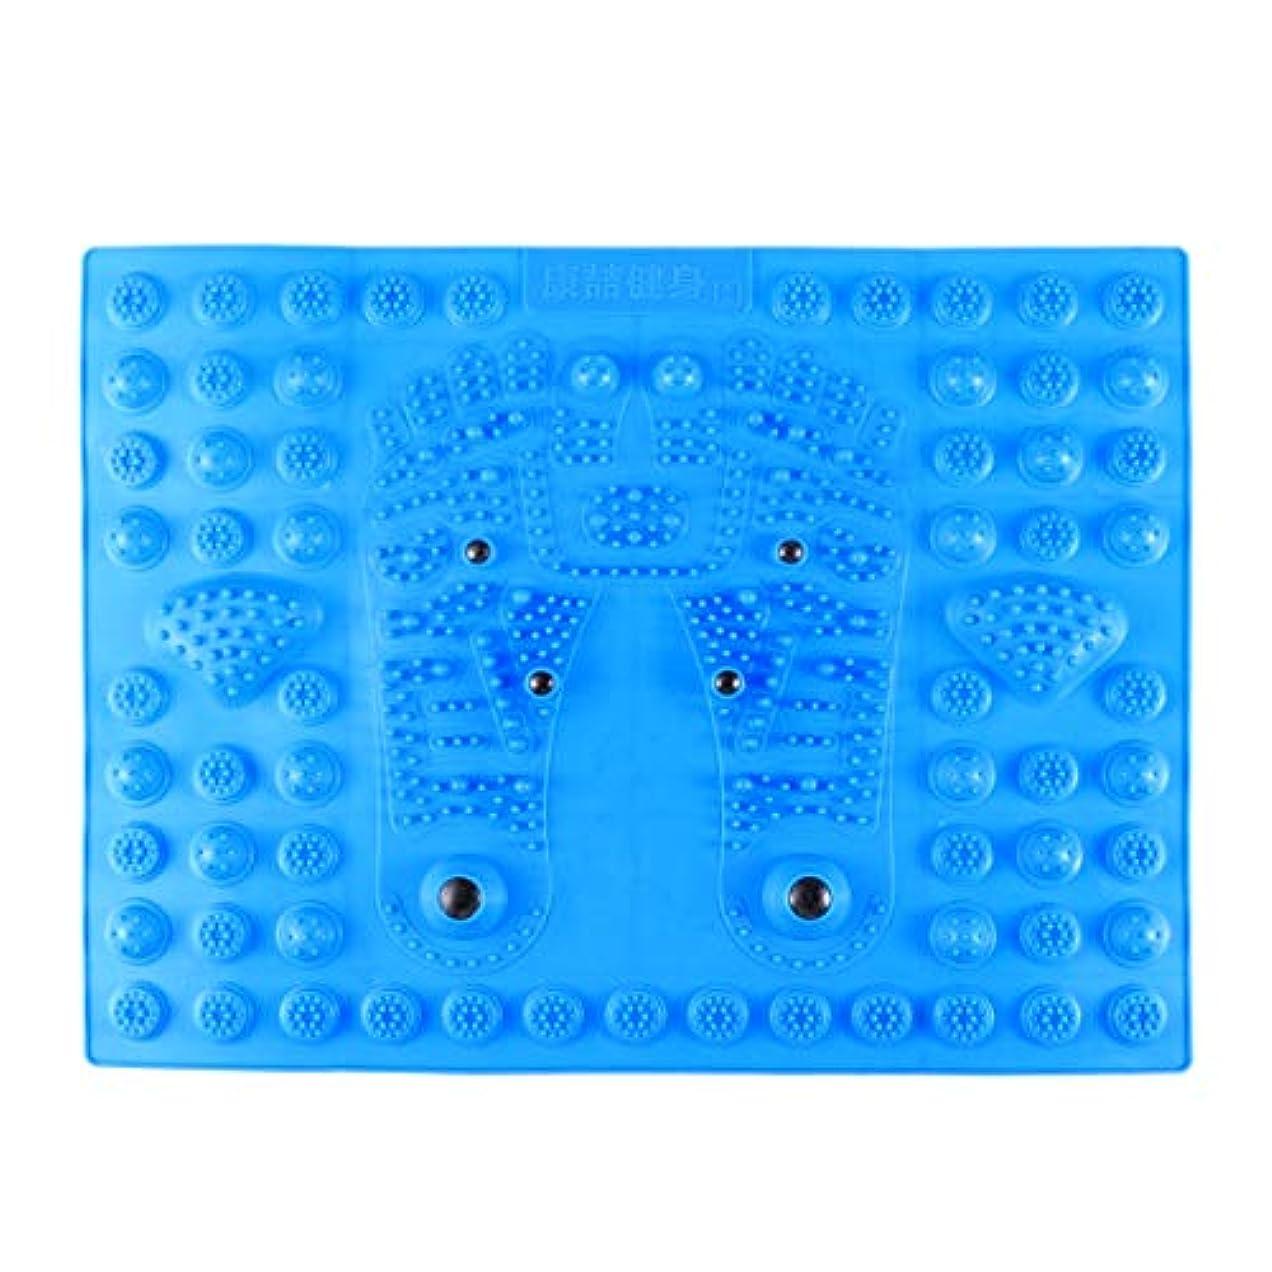 フロント処理する場所Healifty 指圧フットマットフット磁気療法マッサージャーガーデンマッサージパッド(ブルー)